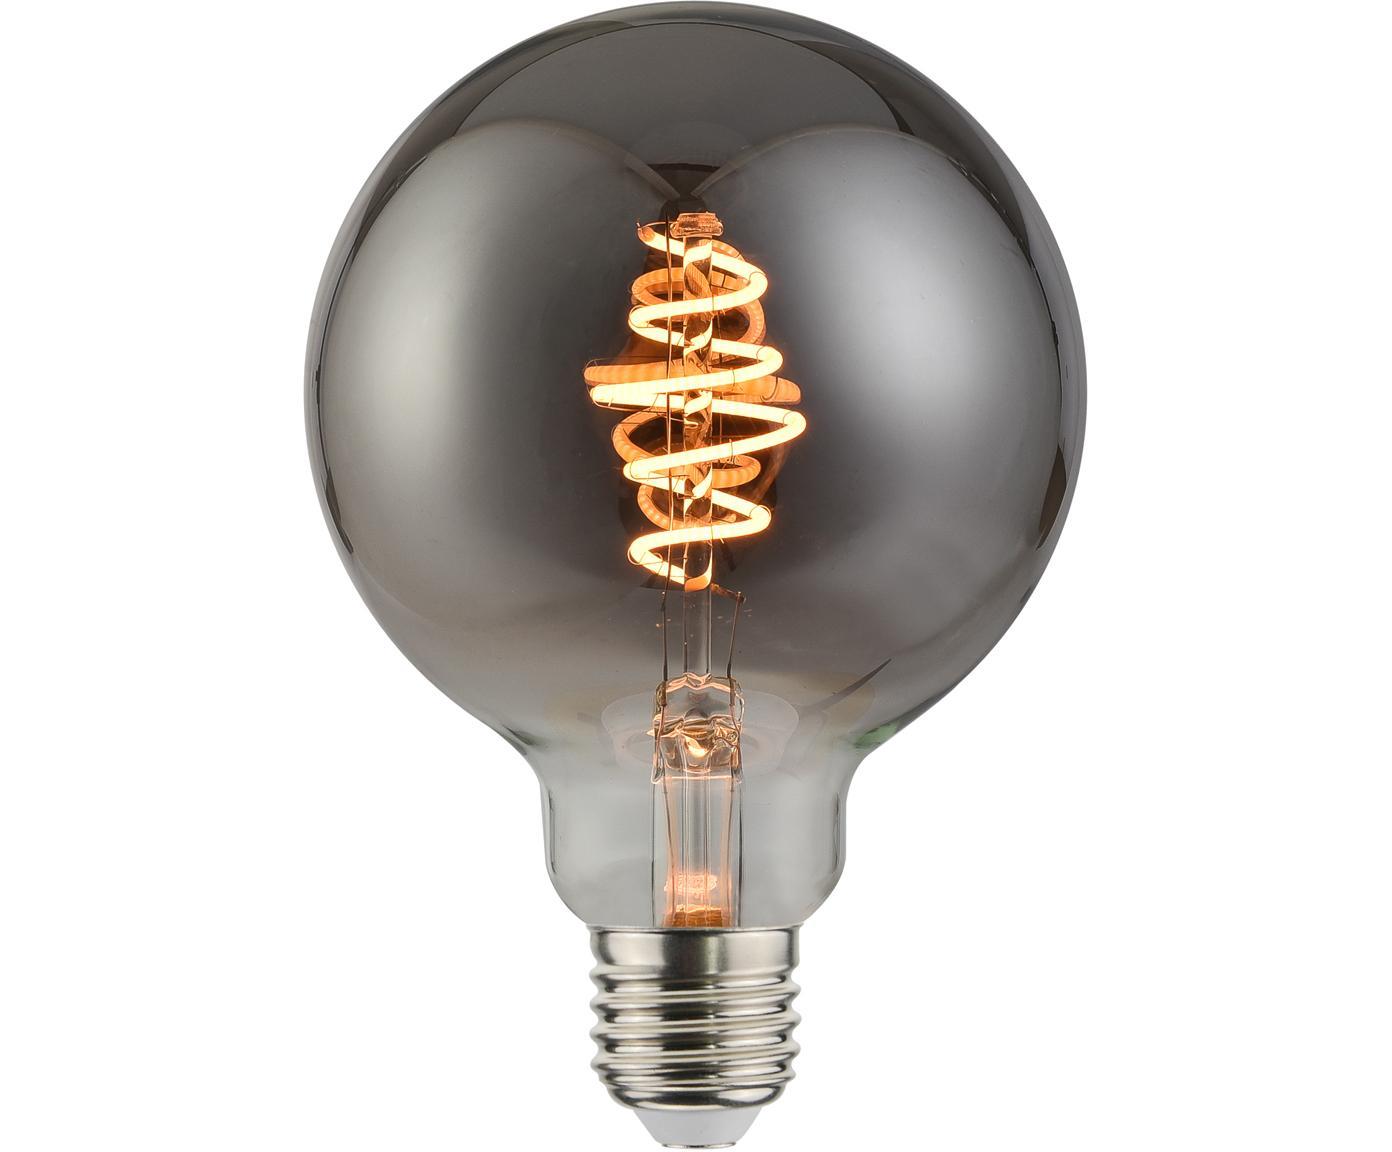 Bombilla LED Spiral Deco Globe (E27/5W), Ampolla: vidrio, Casquillo: metal, Gris, transparente, Ø 10x Al 14 cm